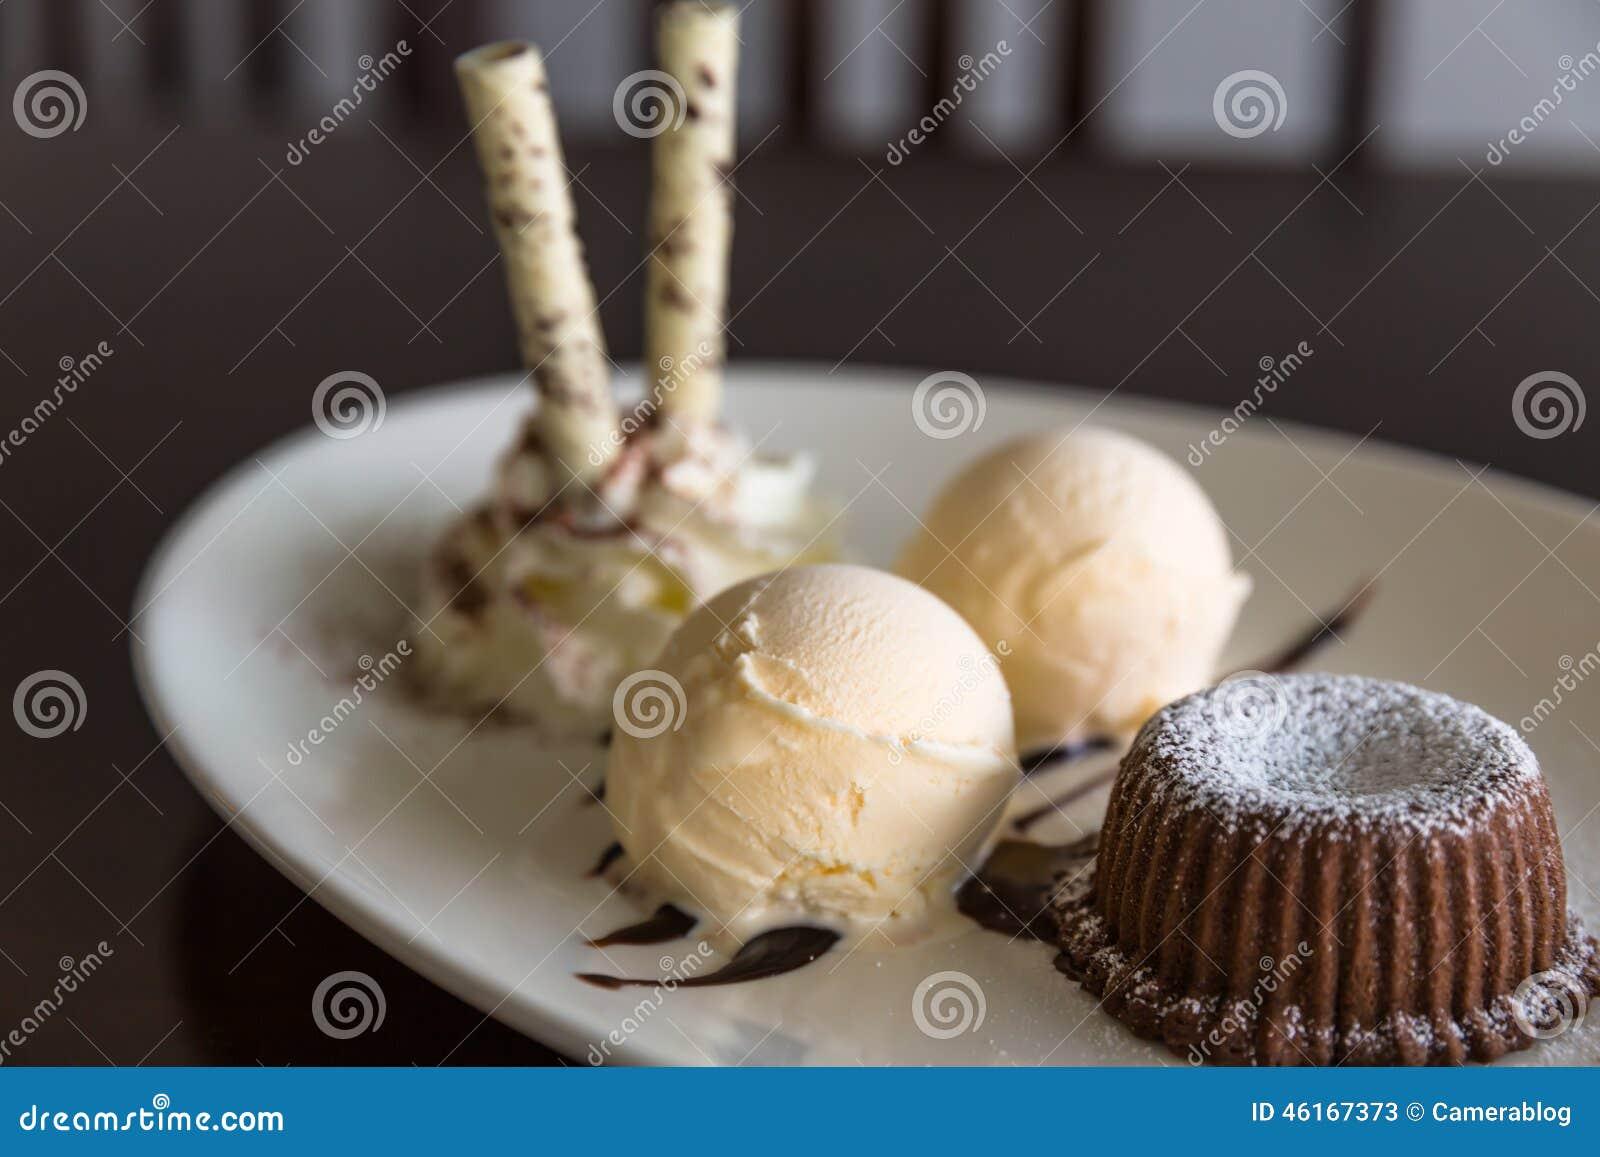 Chocolate Lava Cake With Cherry Sauce And Vanilla Ice Cream